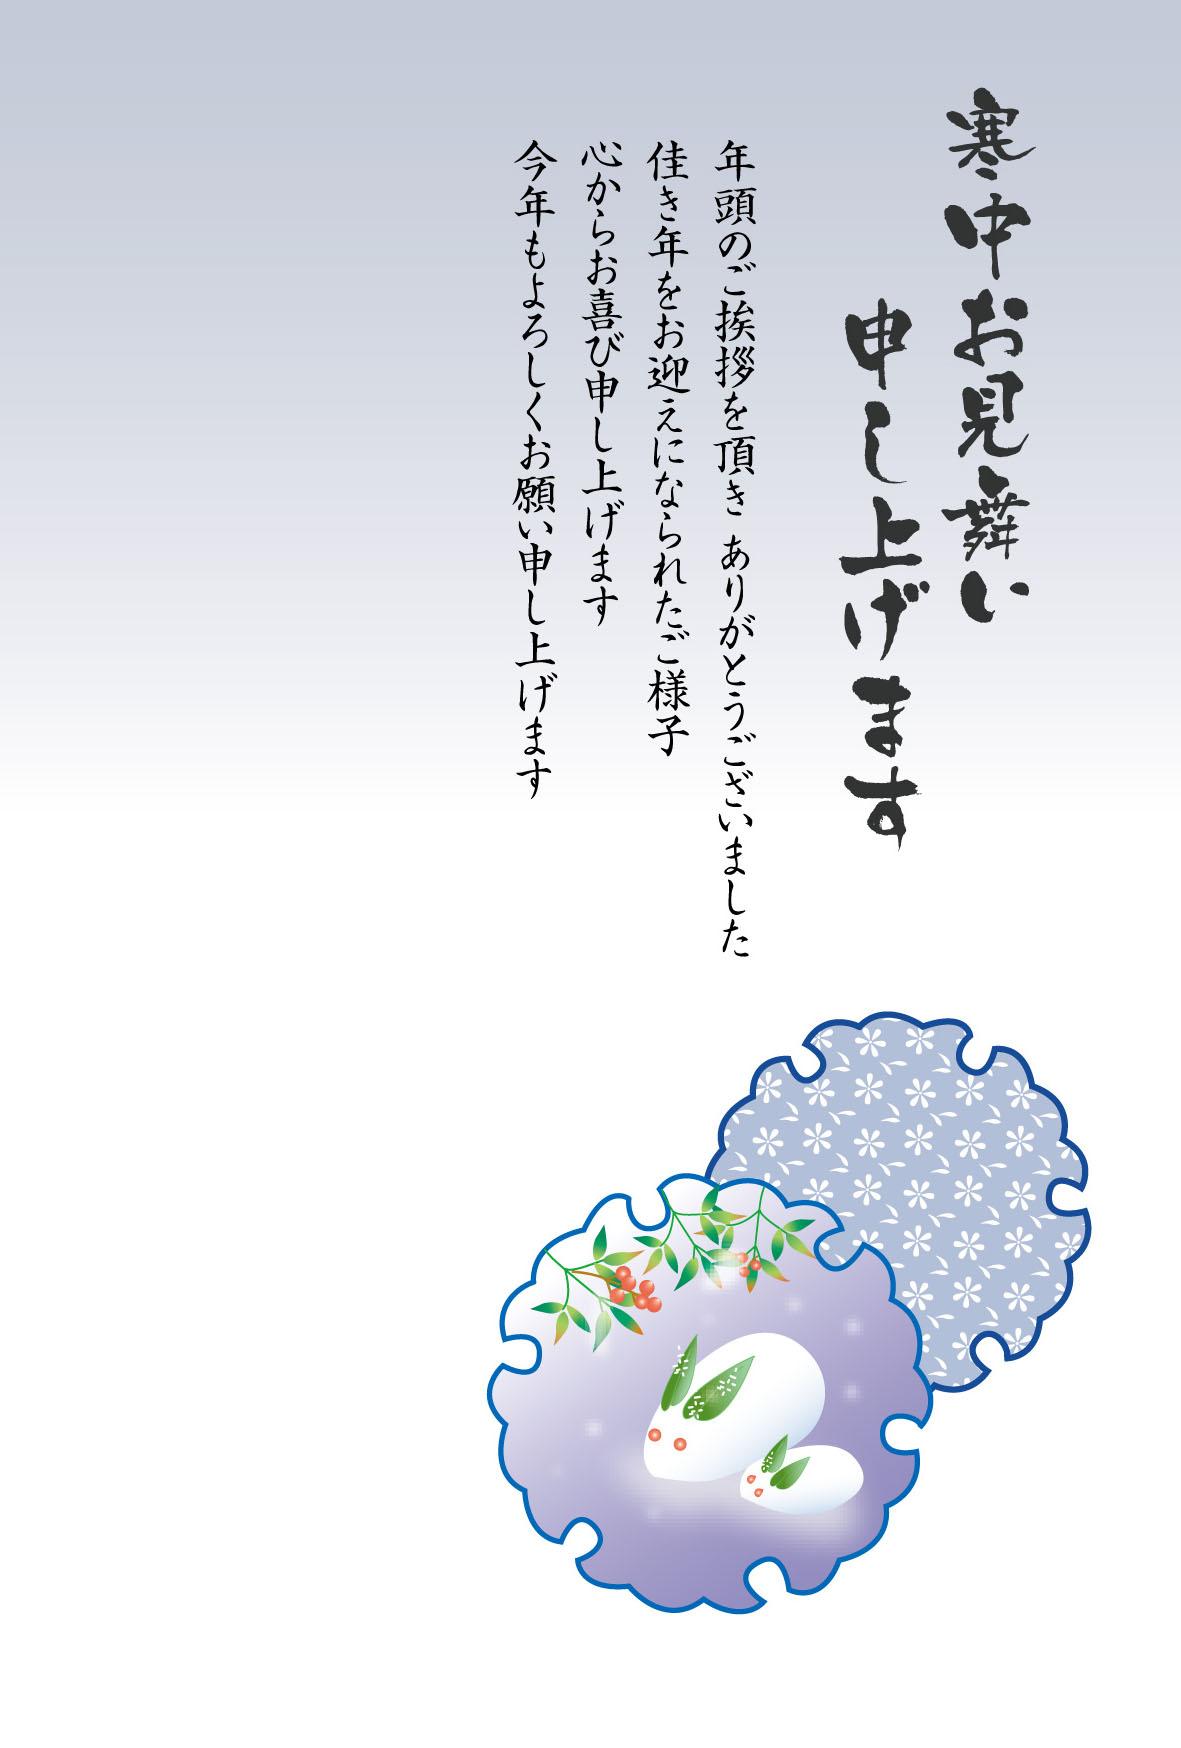 寒中見舞い - JapaneseClass.jp